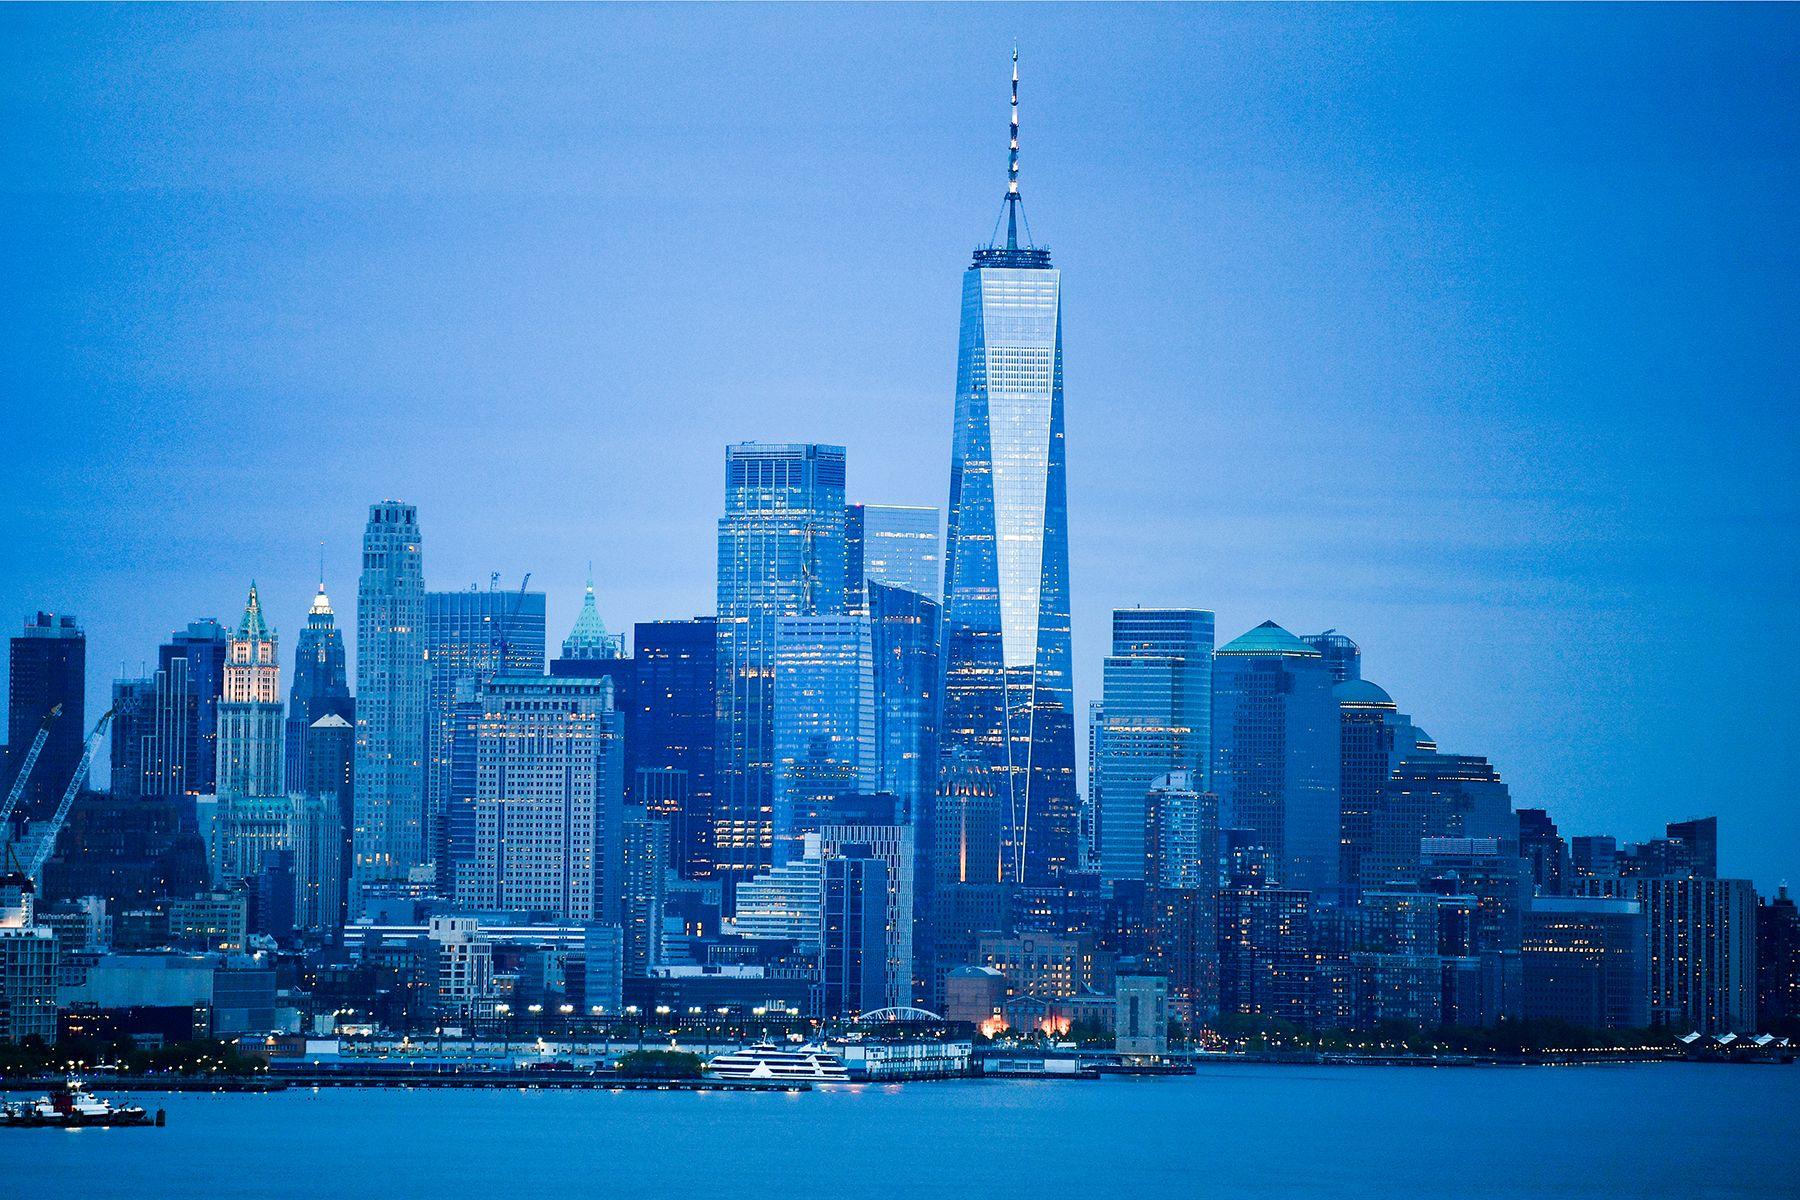 051720 NYC buildings pix PM57.jpg